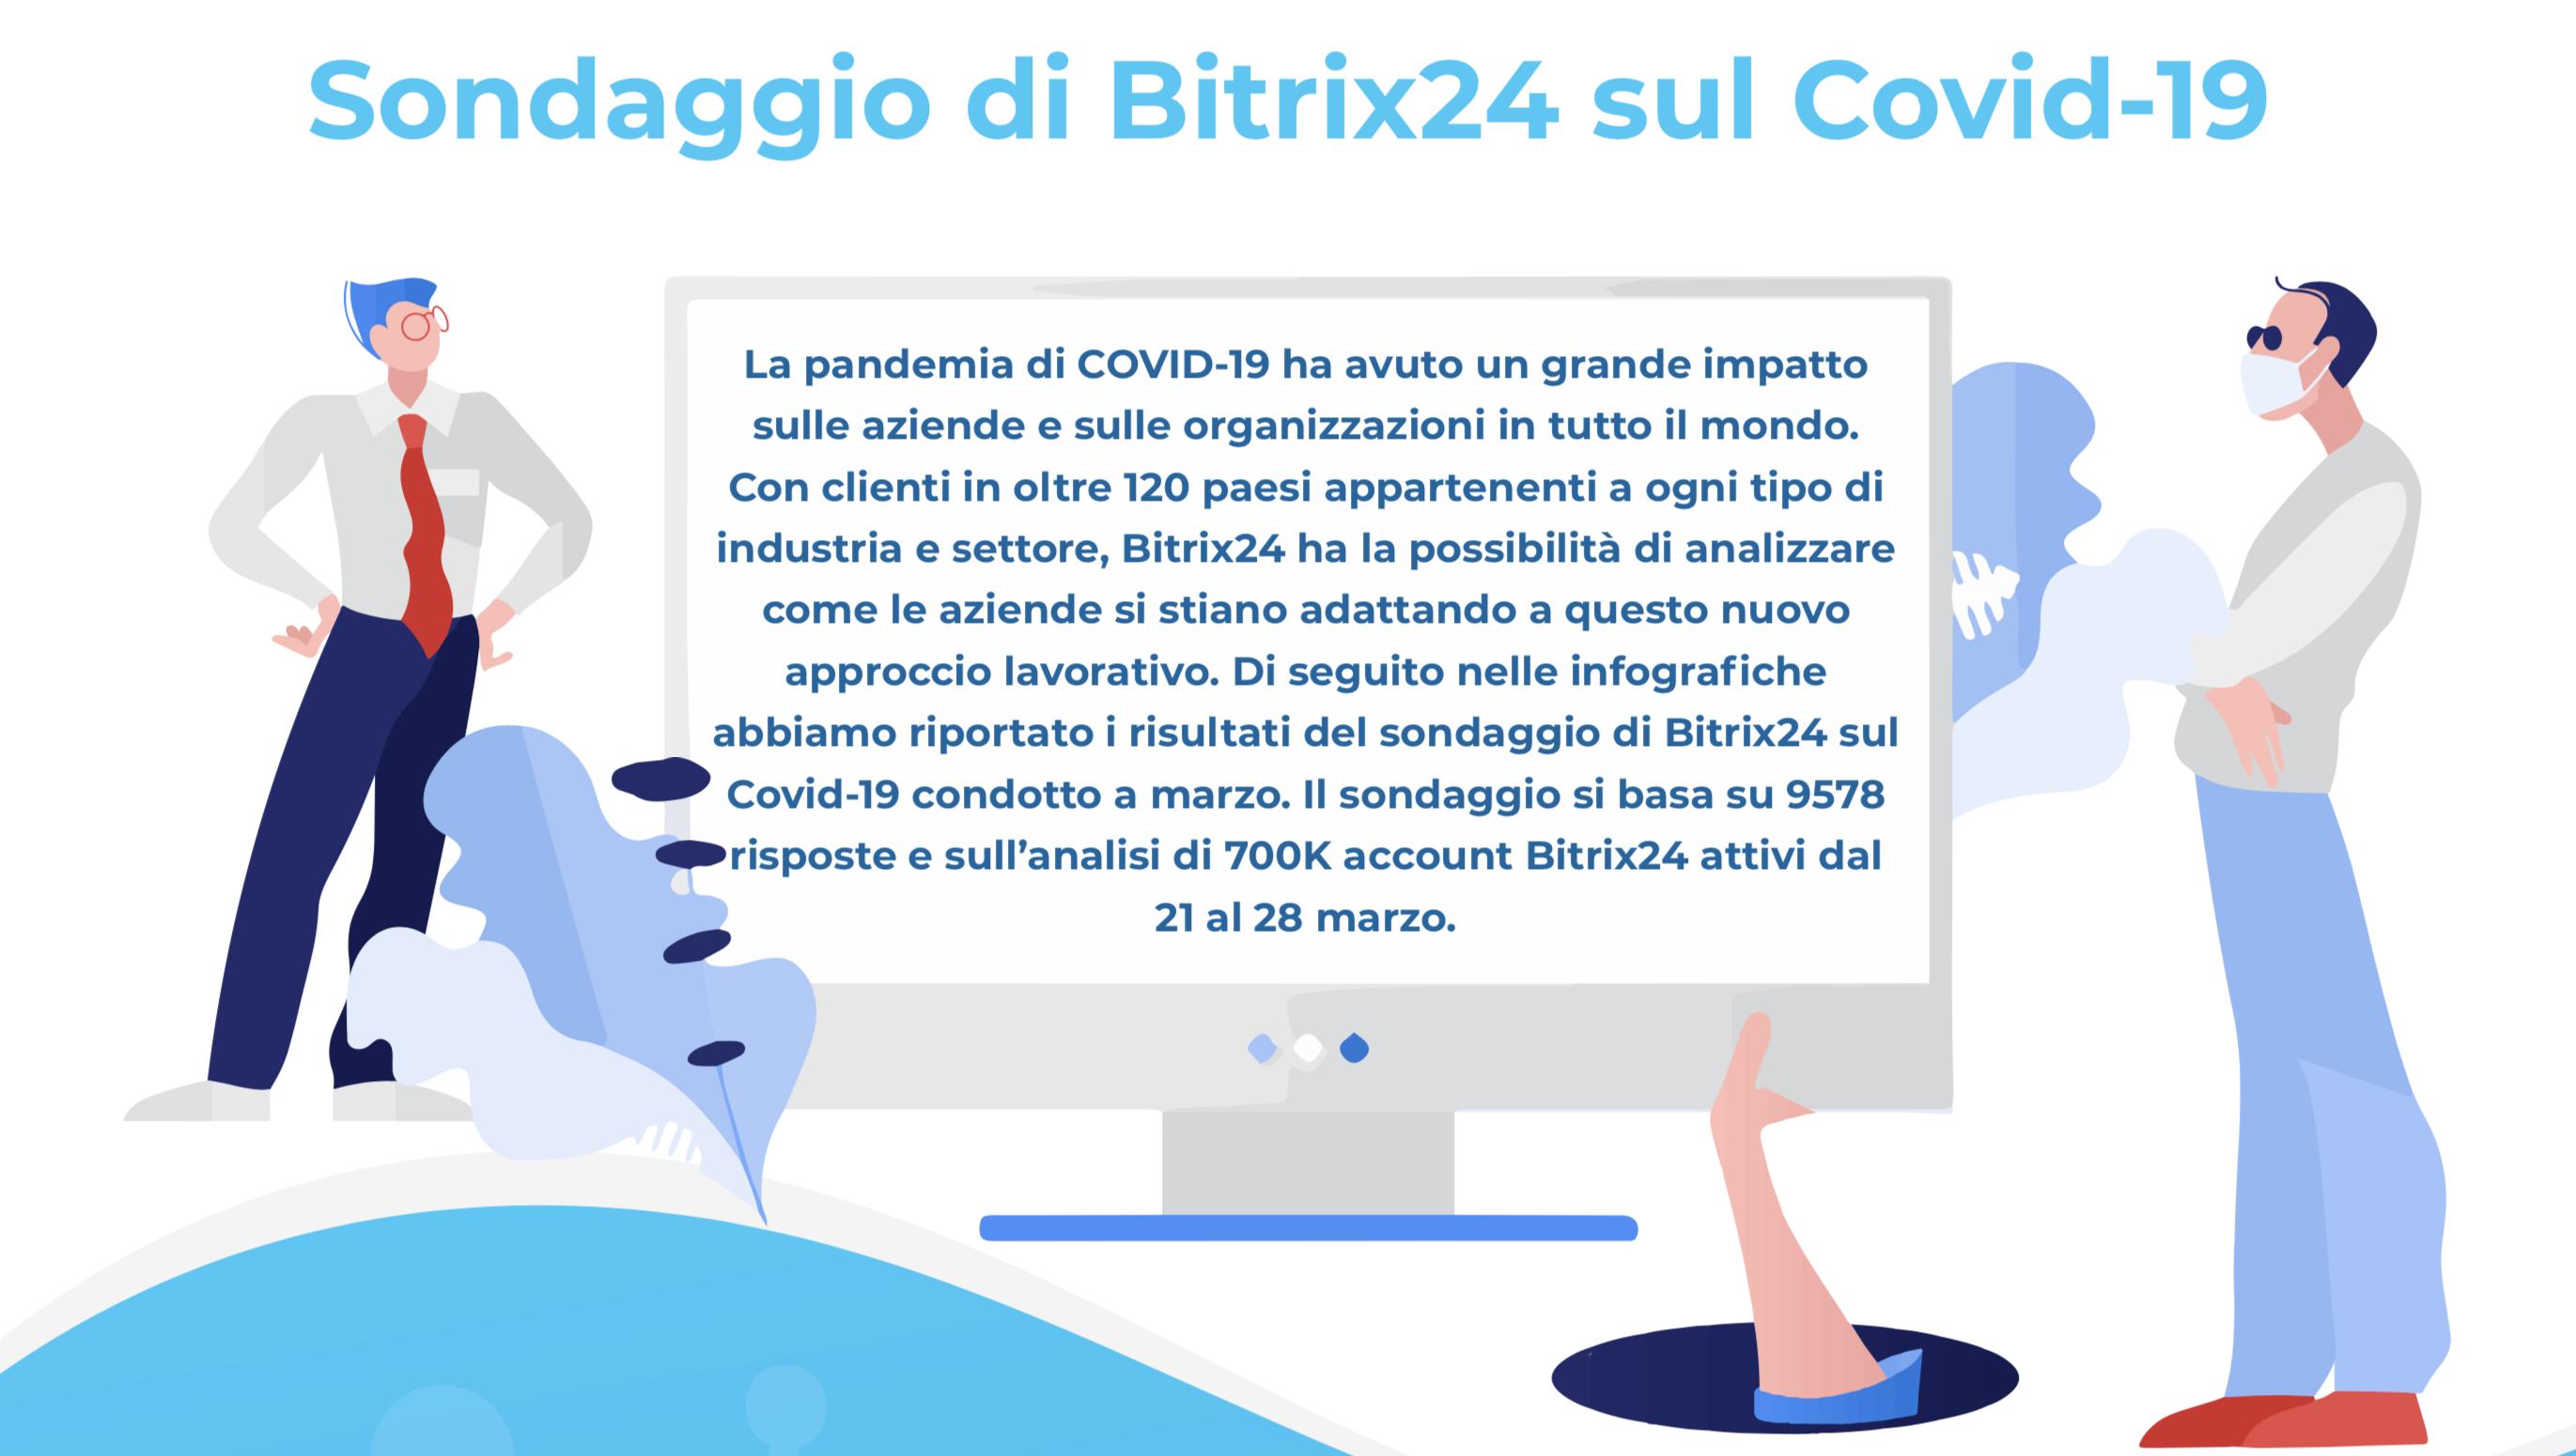 Sondaggio di Bitrix24 sul Covid-19